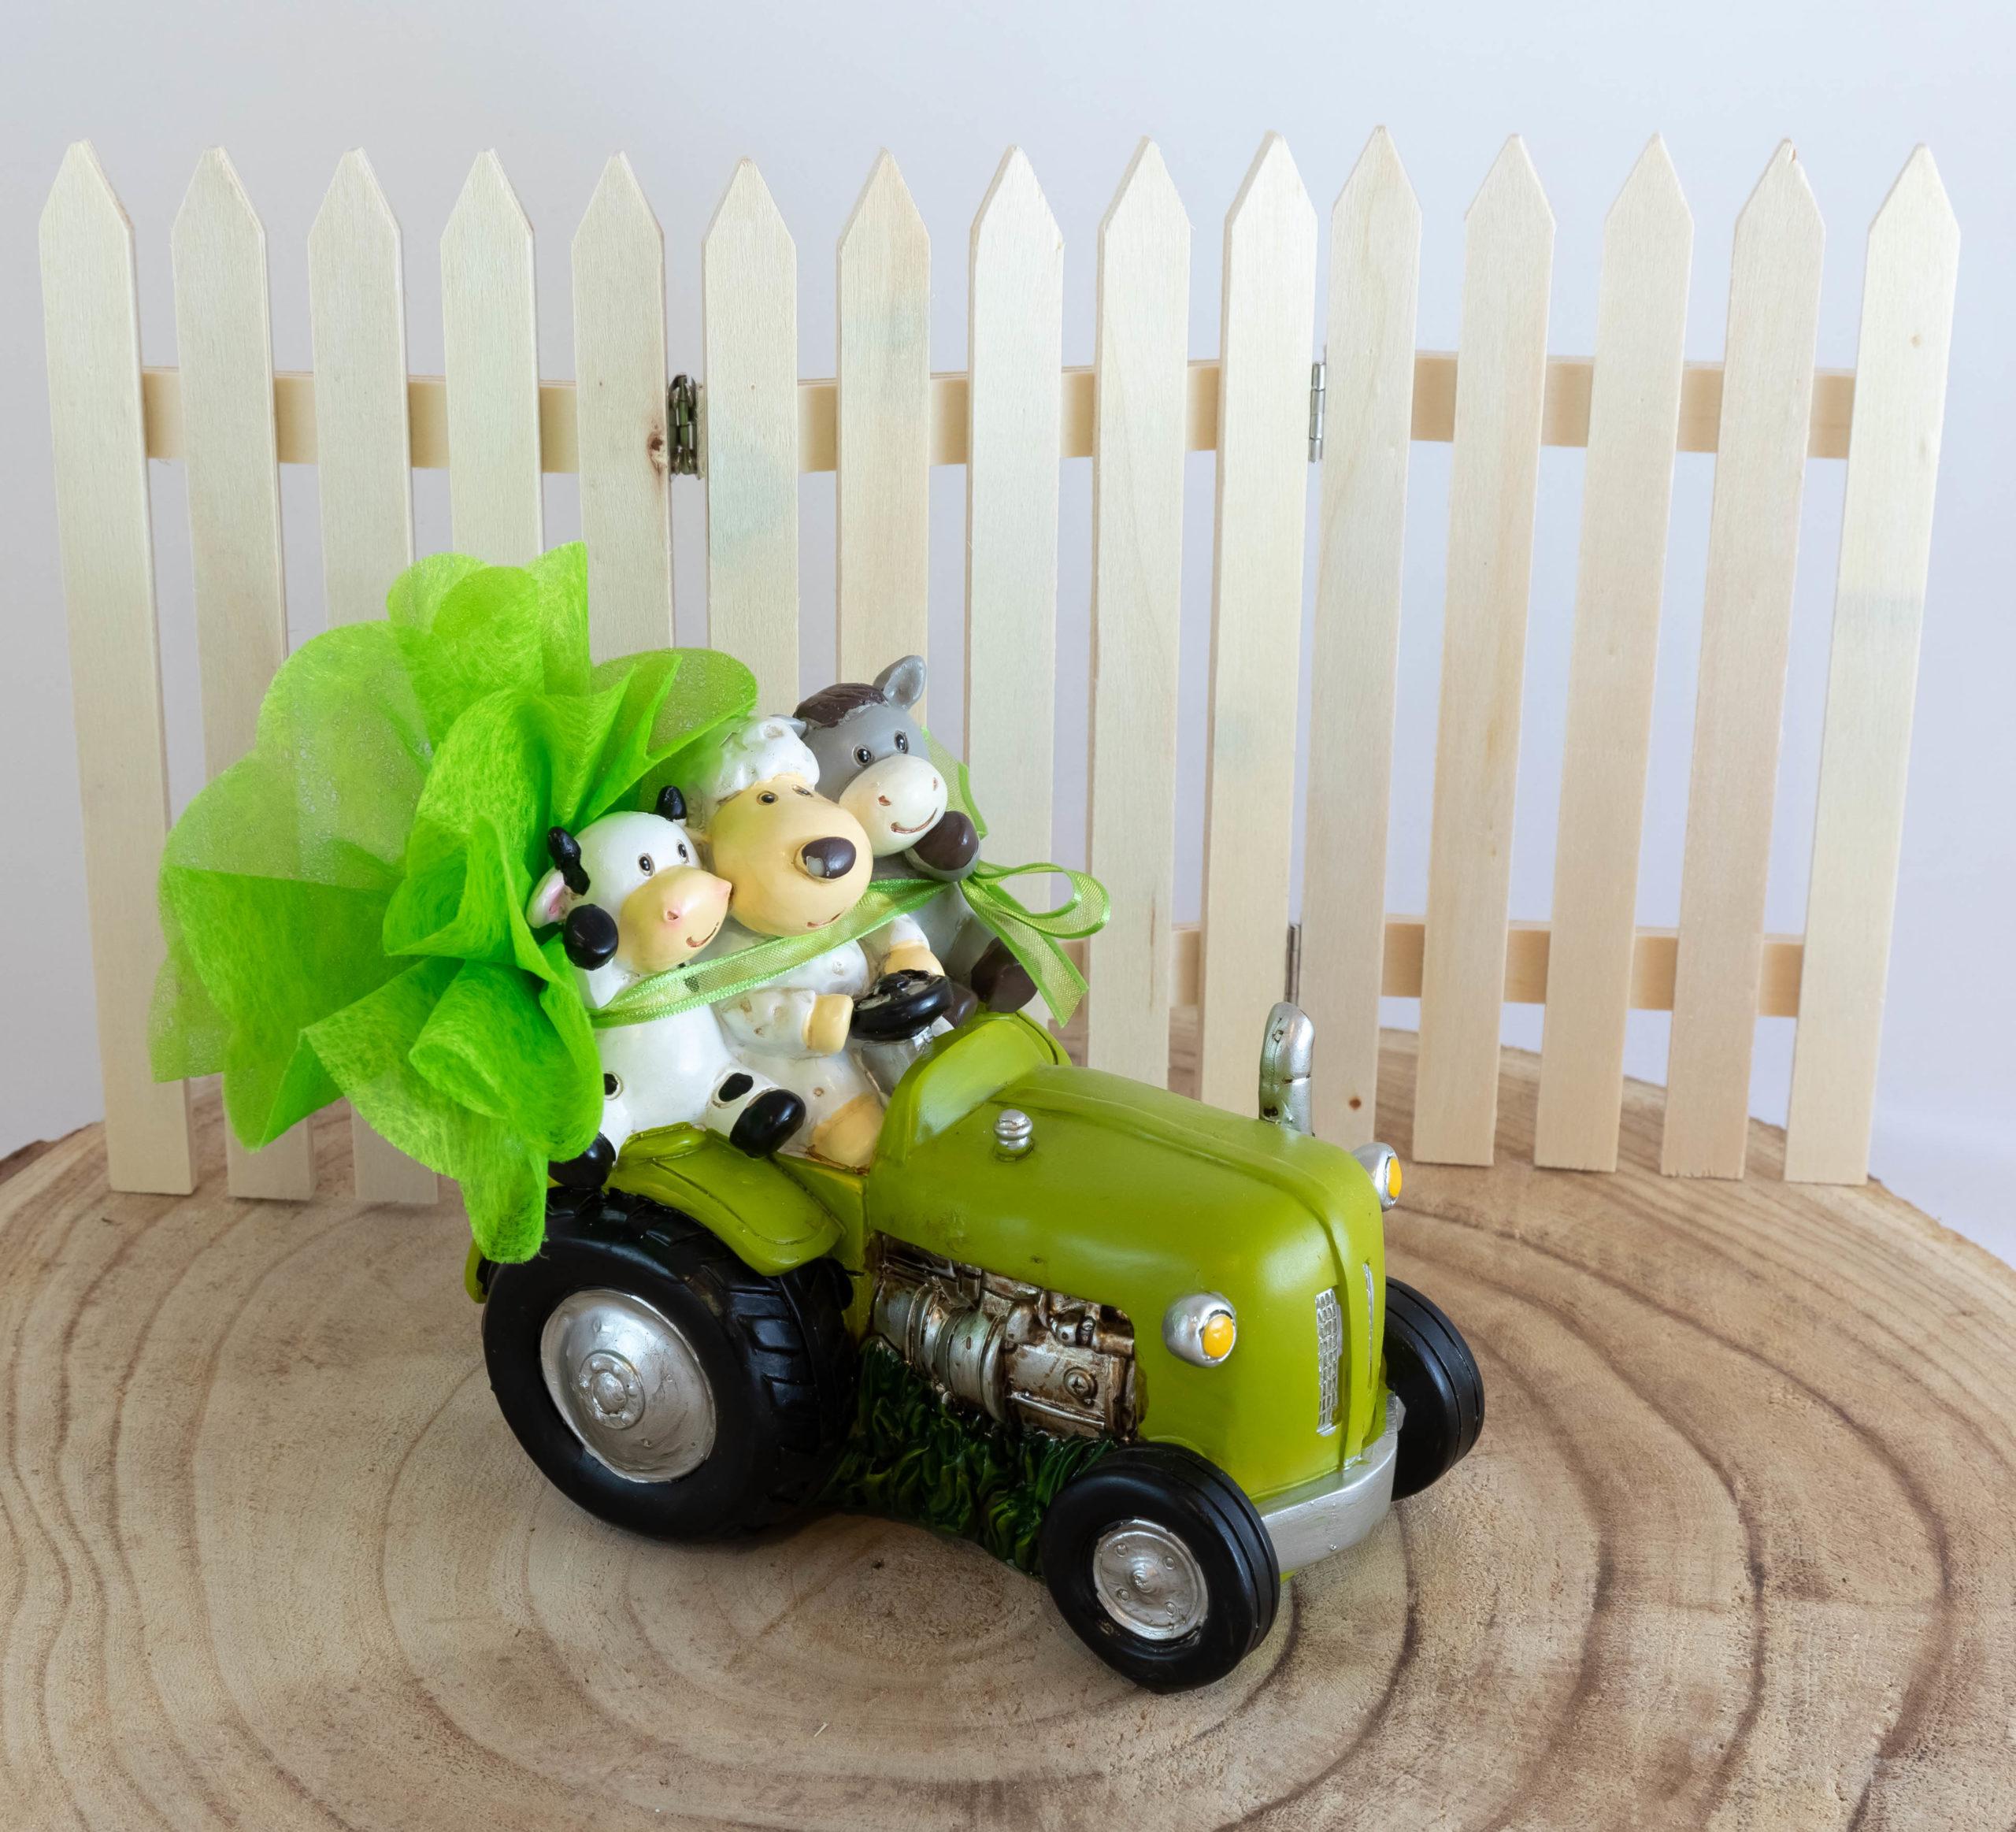 Tirelire tracteur - Ferme Image